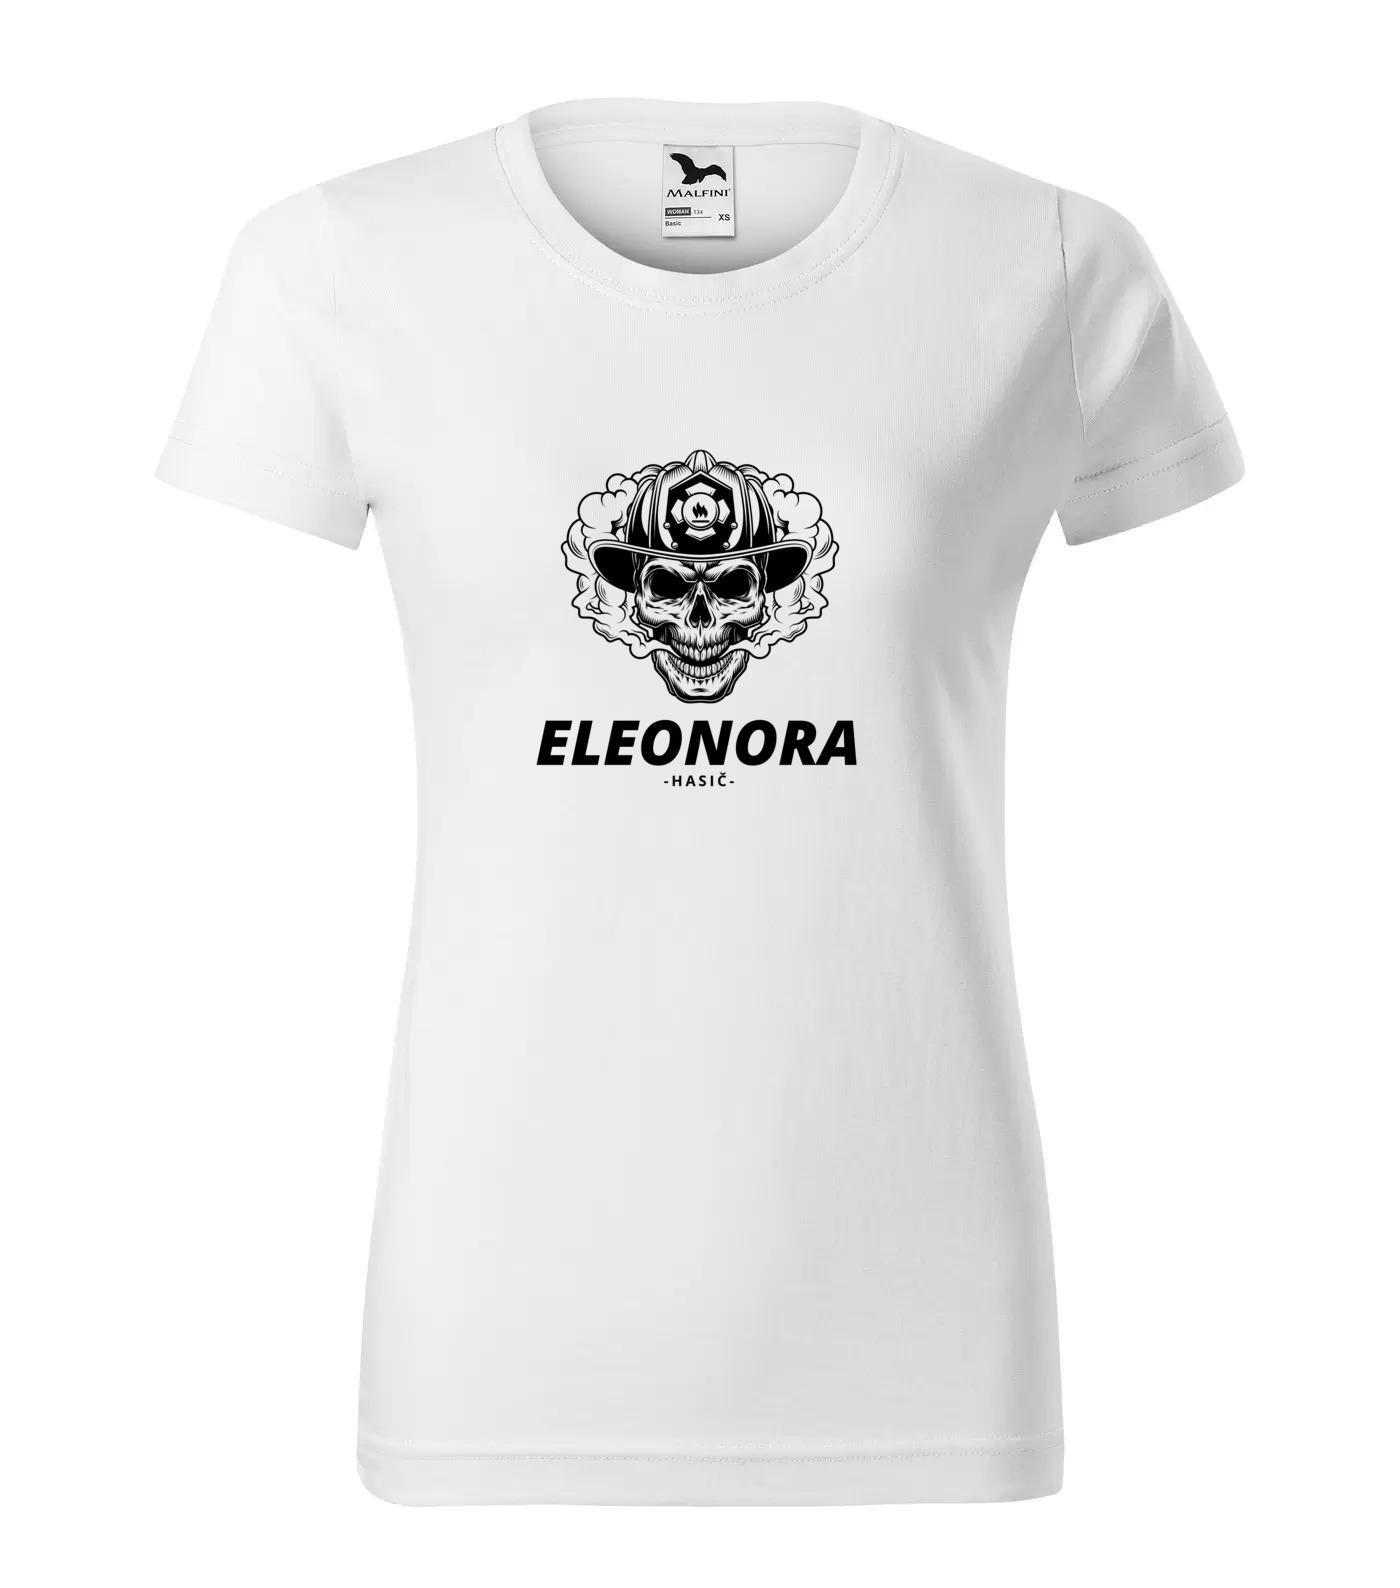 Tričko Hasič Eleonora